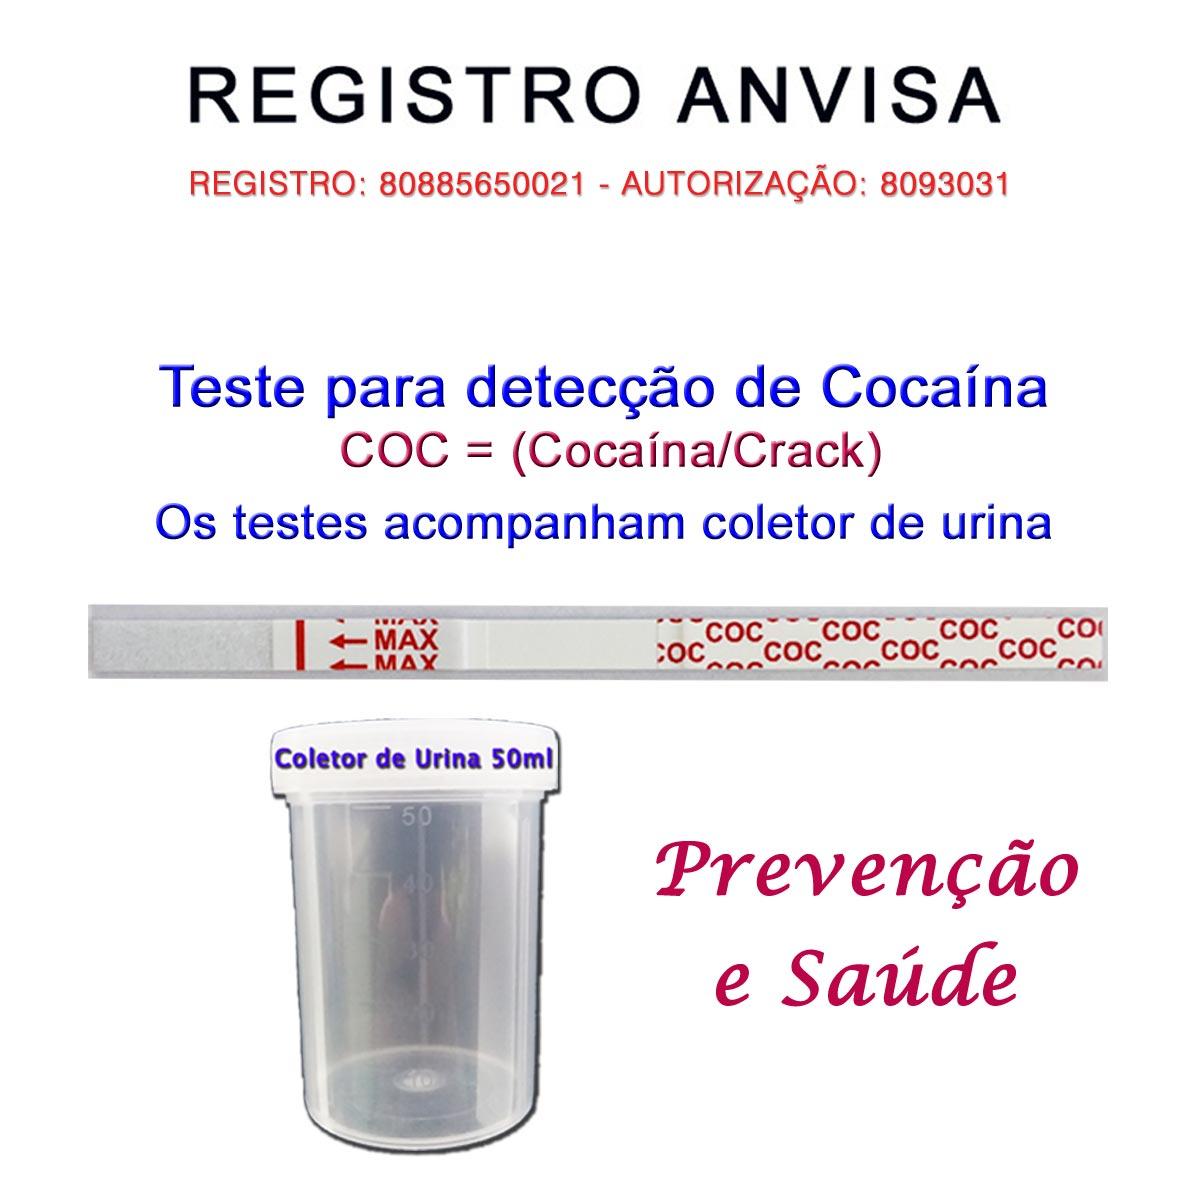 05 Kits para teste de COC-CRACK  - Loja Saúde - Diagnósticos e Produtos Naturais